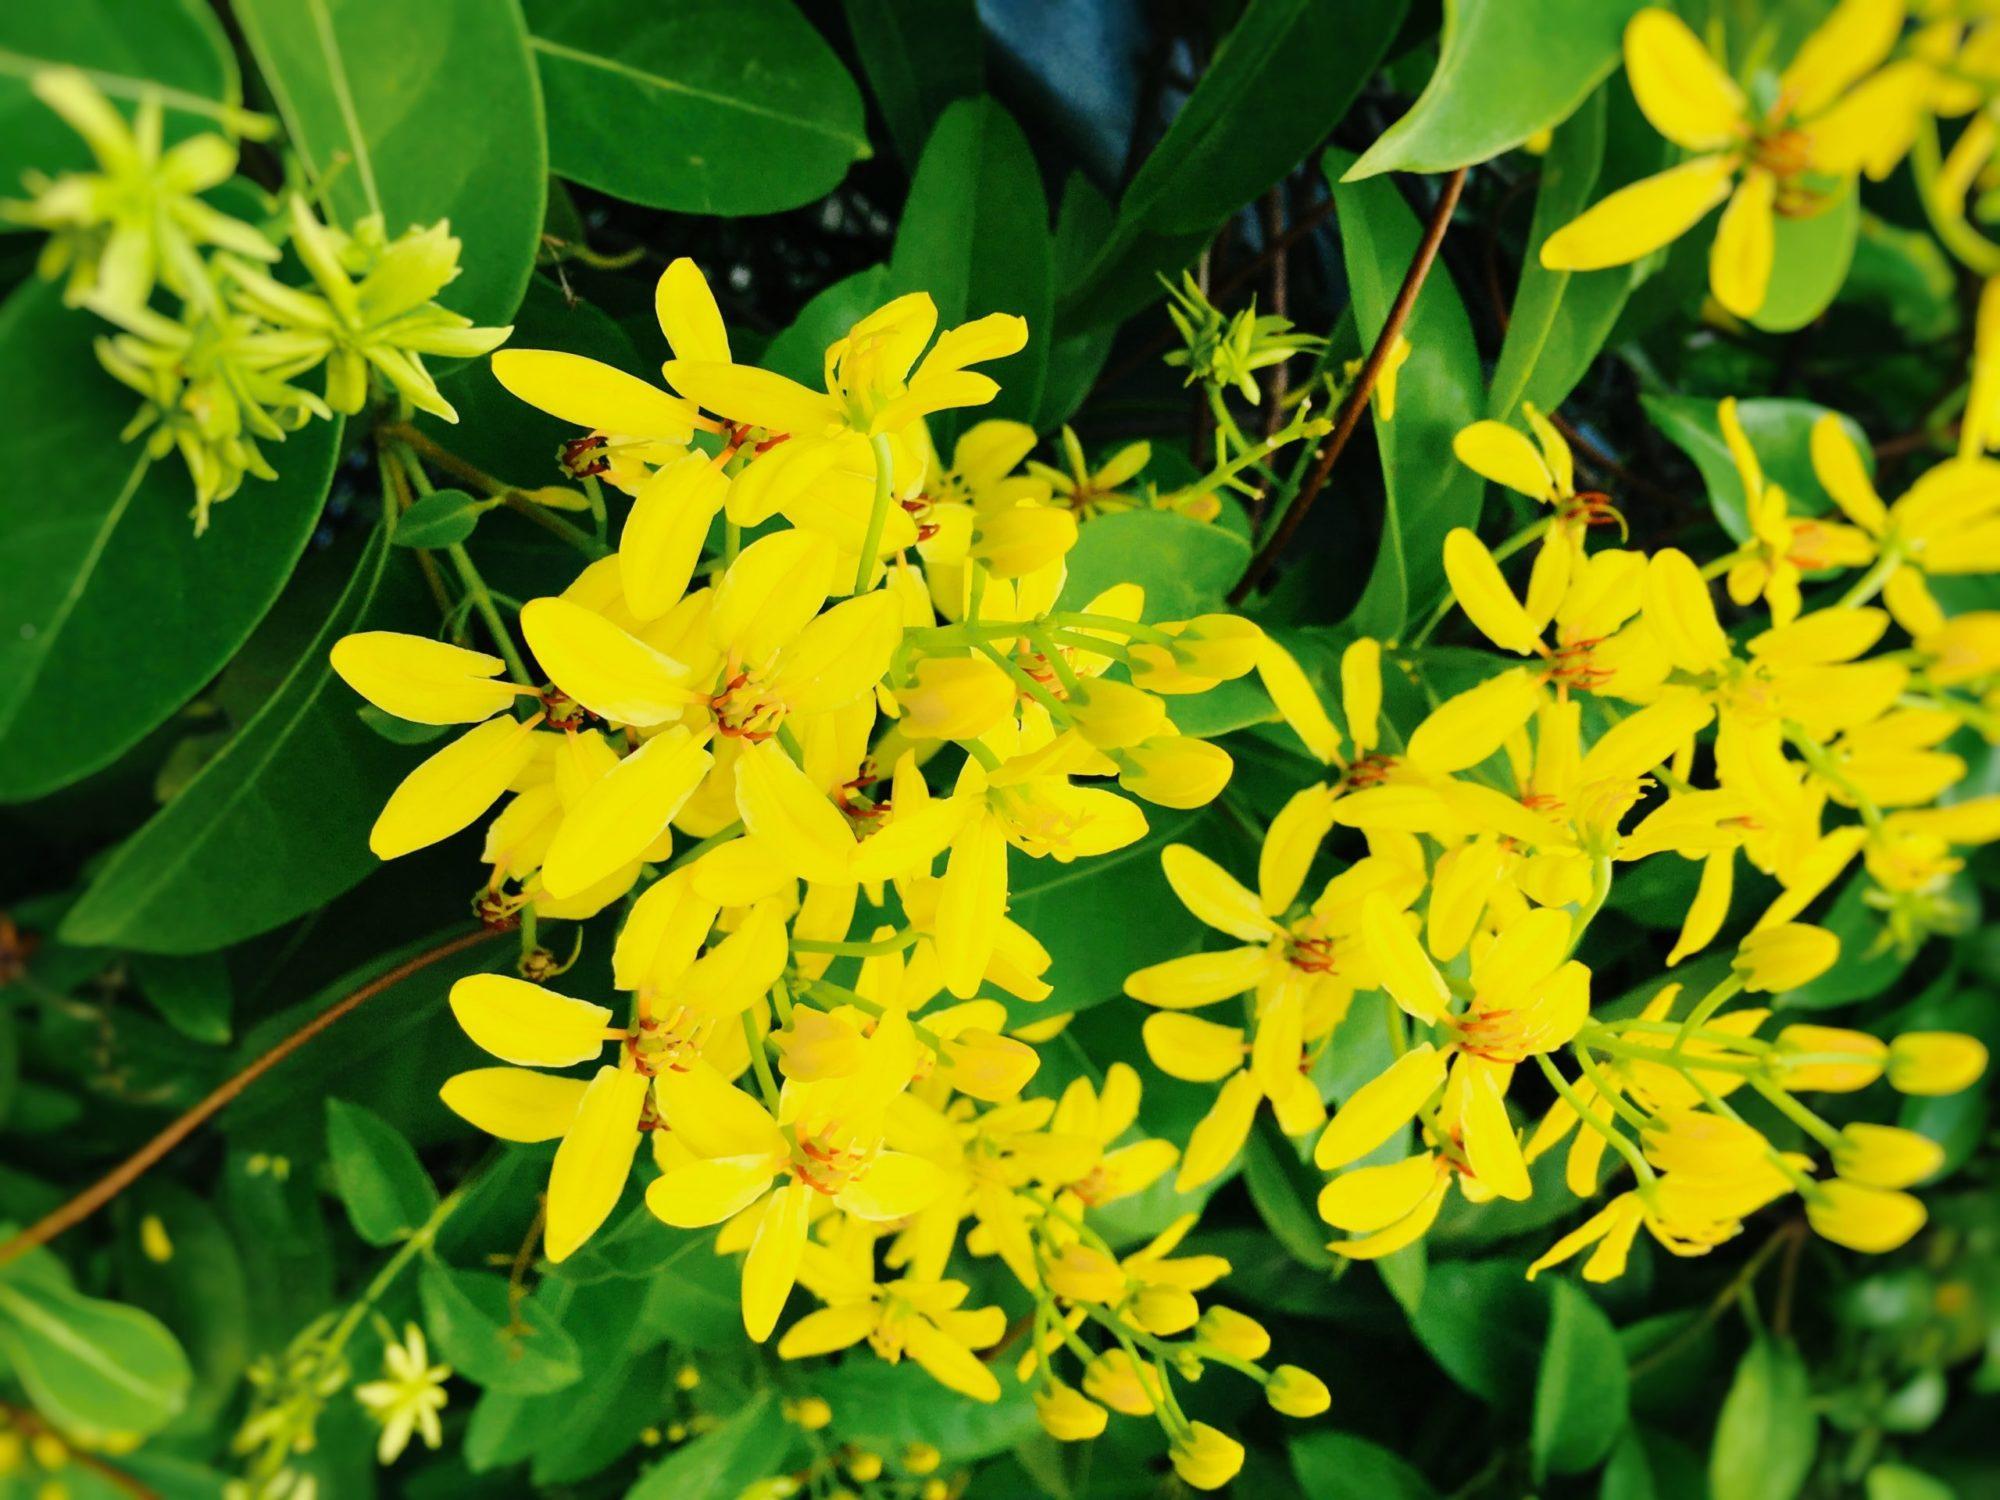 シンガポール庭の黄色い花